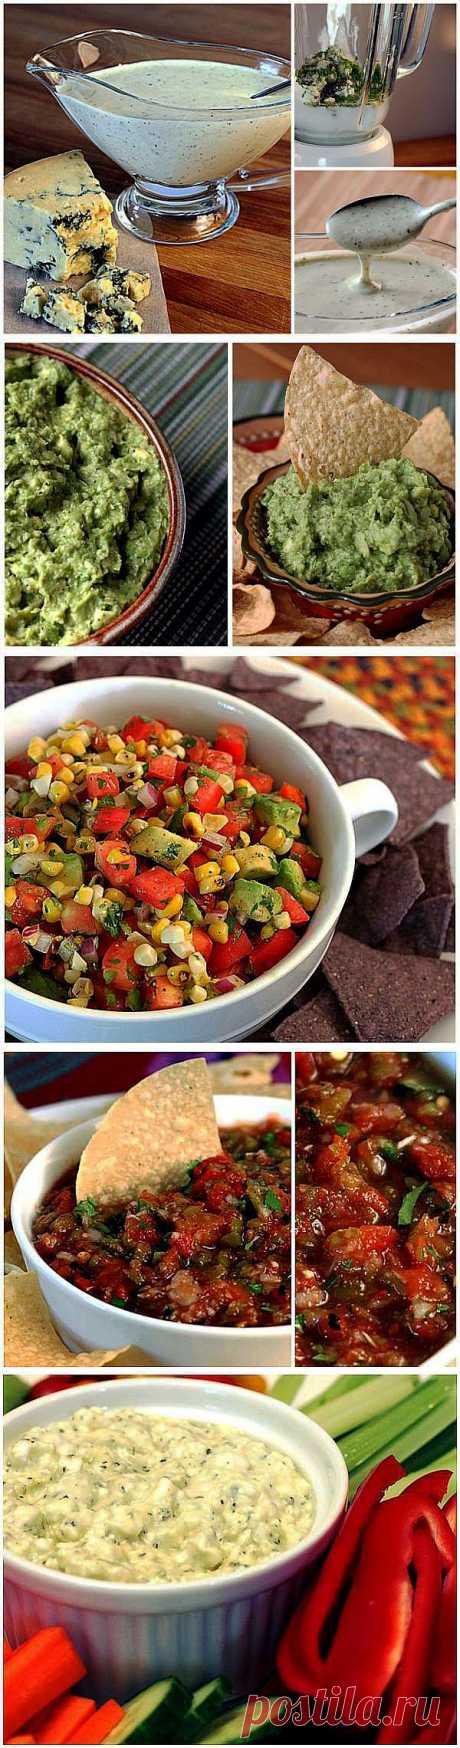 Вкусные и полезные соусы для вечеринки.